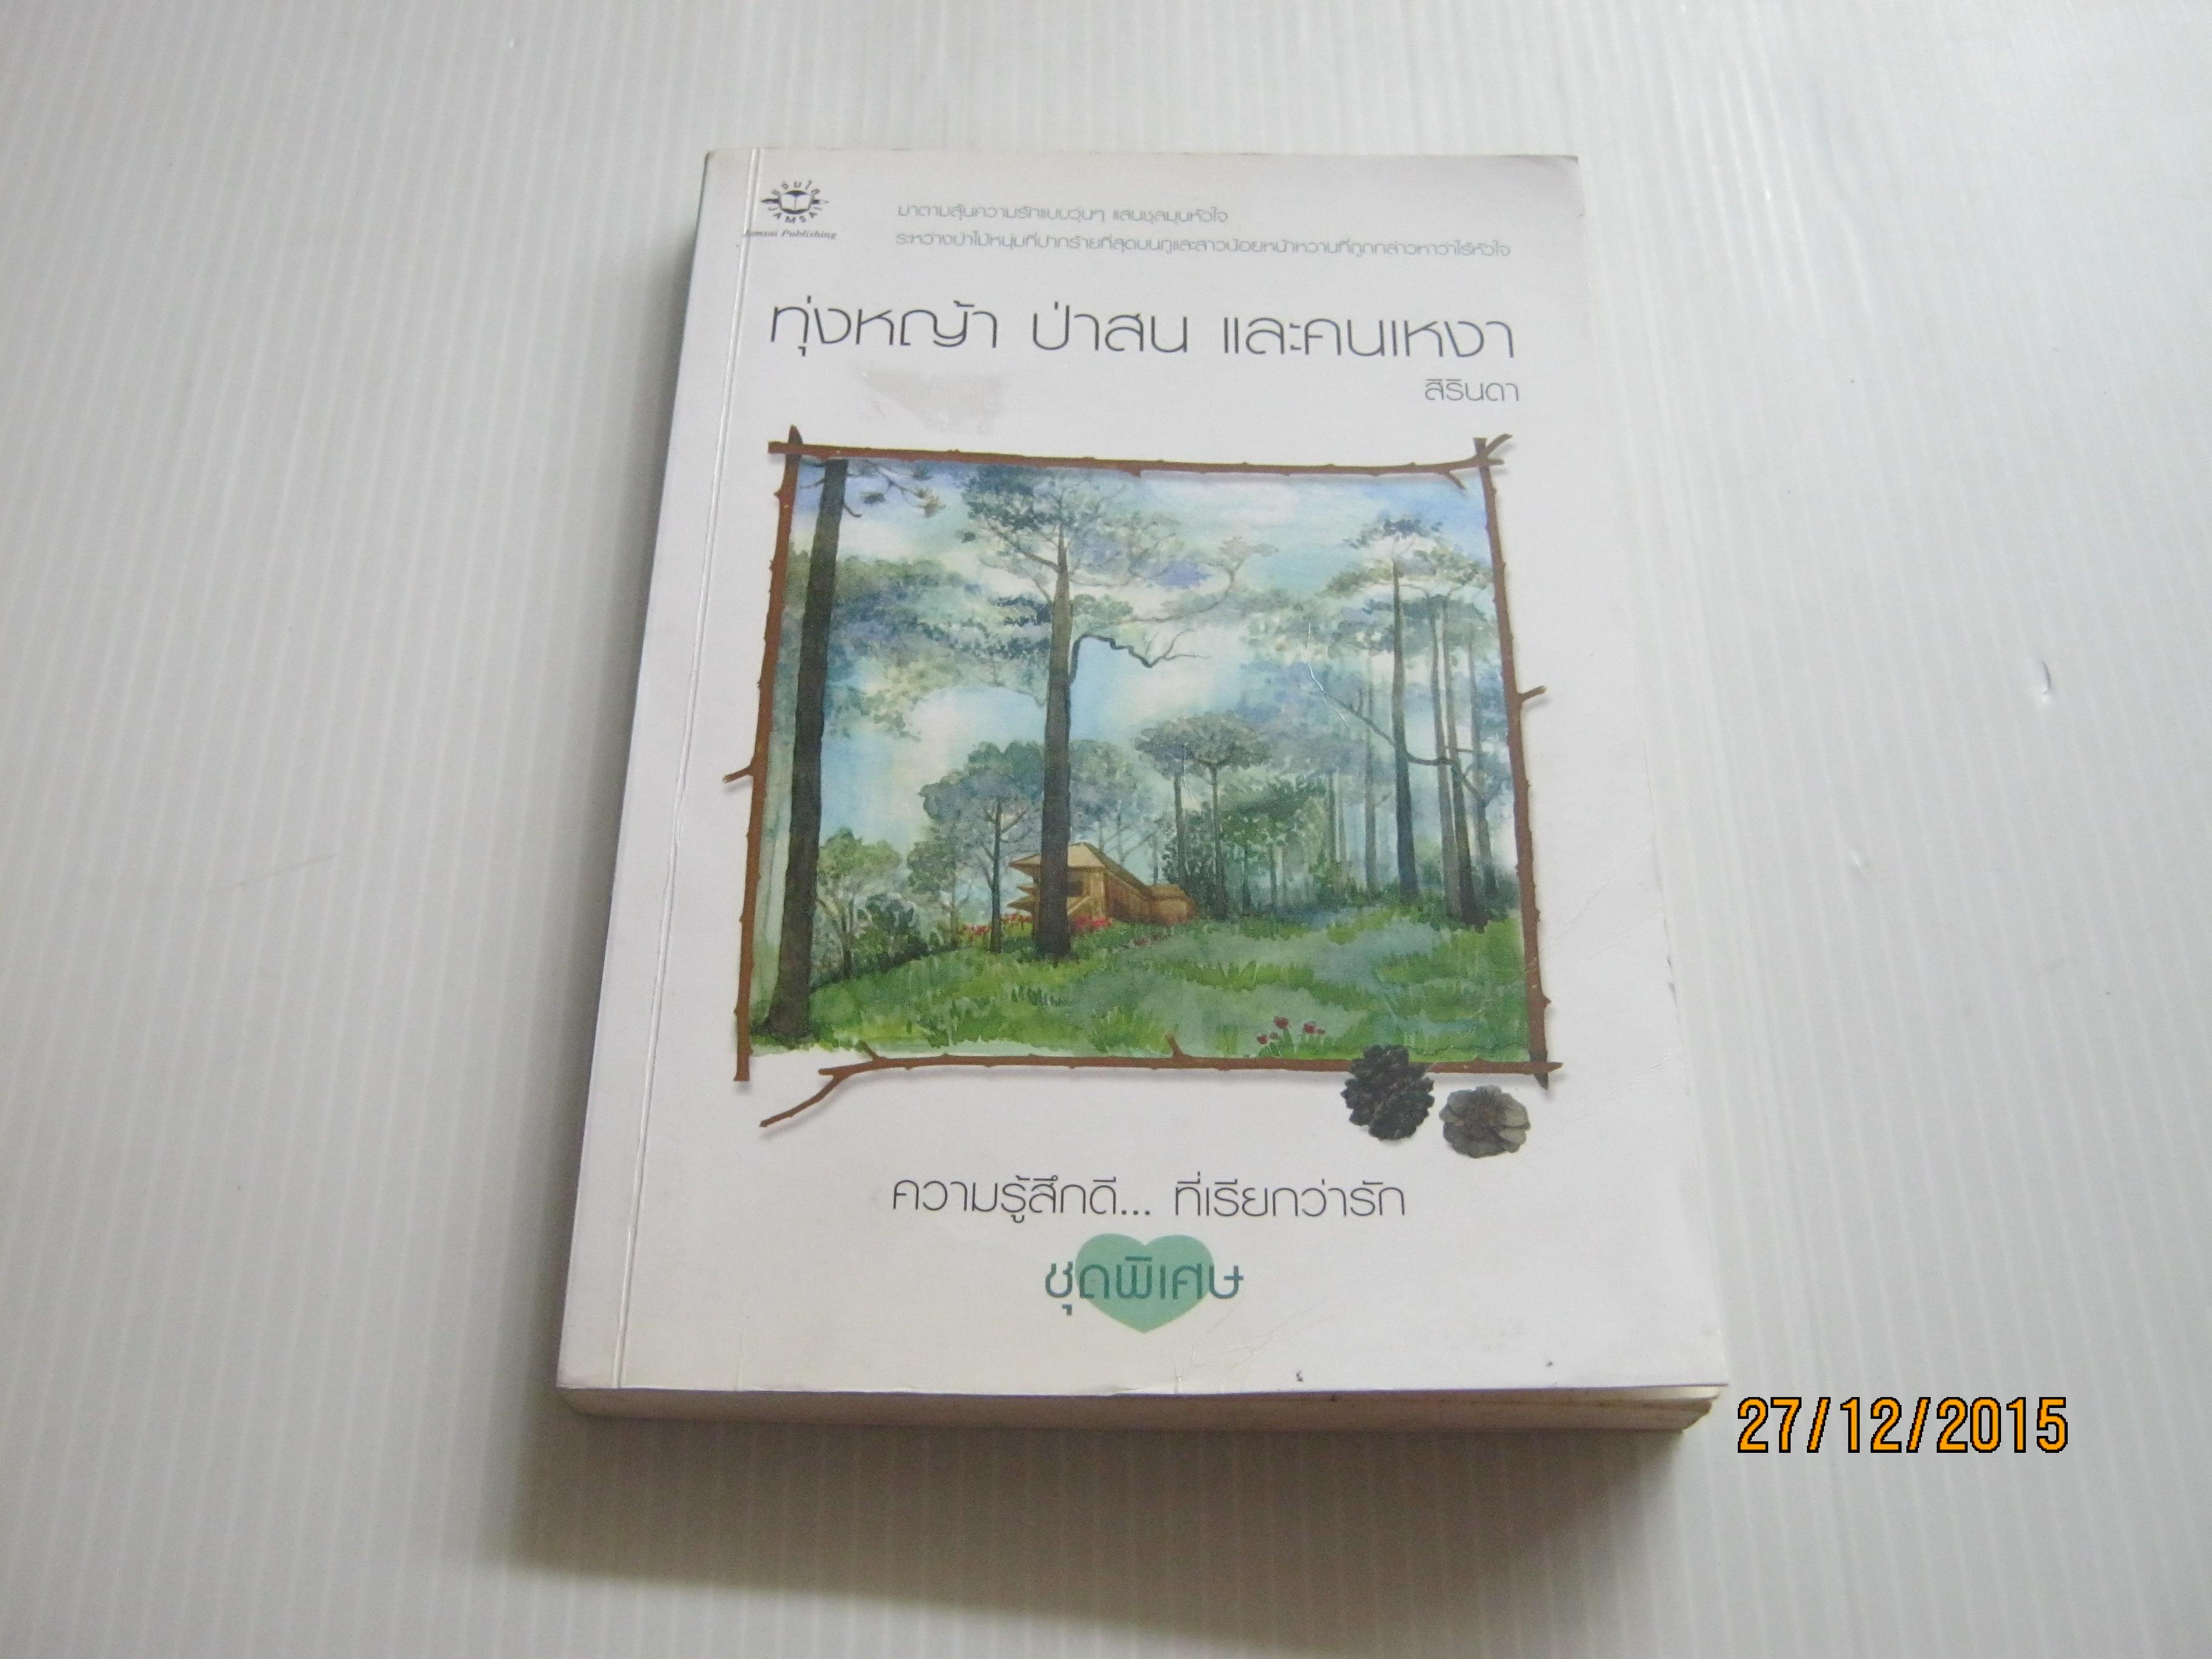 ทุ่งหญ้า ป่าสน และคนเหงา พิมพ์ครั้งที่ 3 สิรินดา เขียน